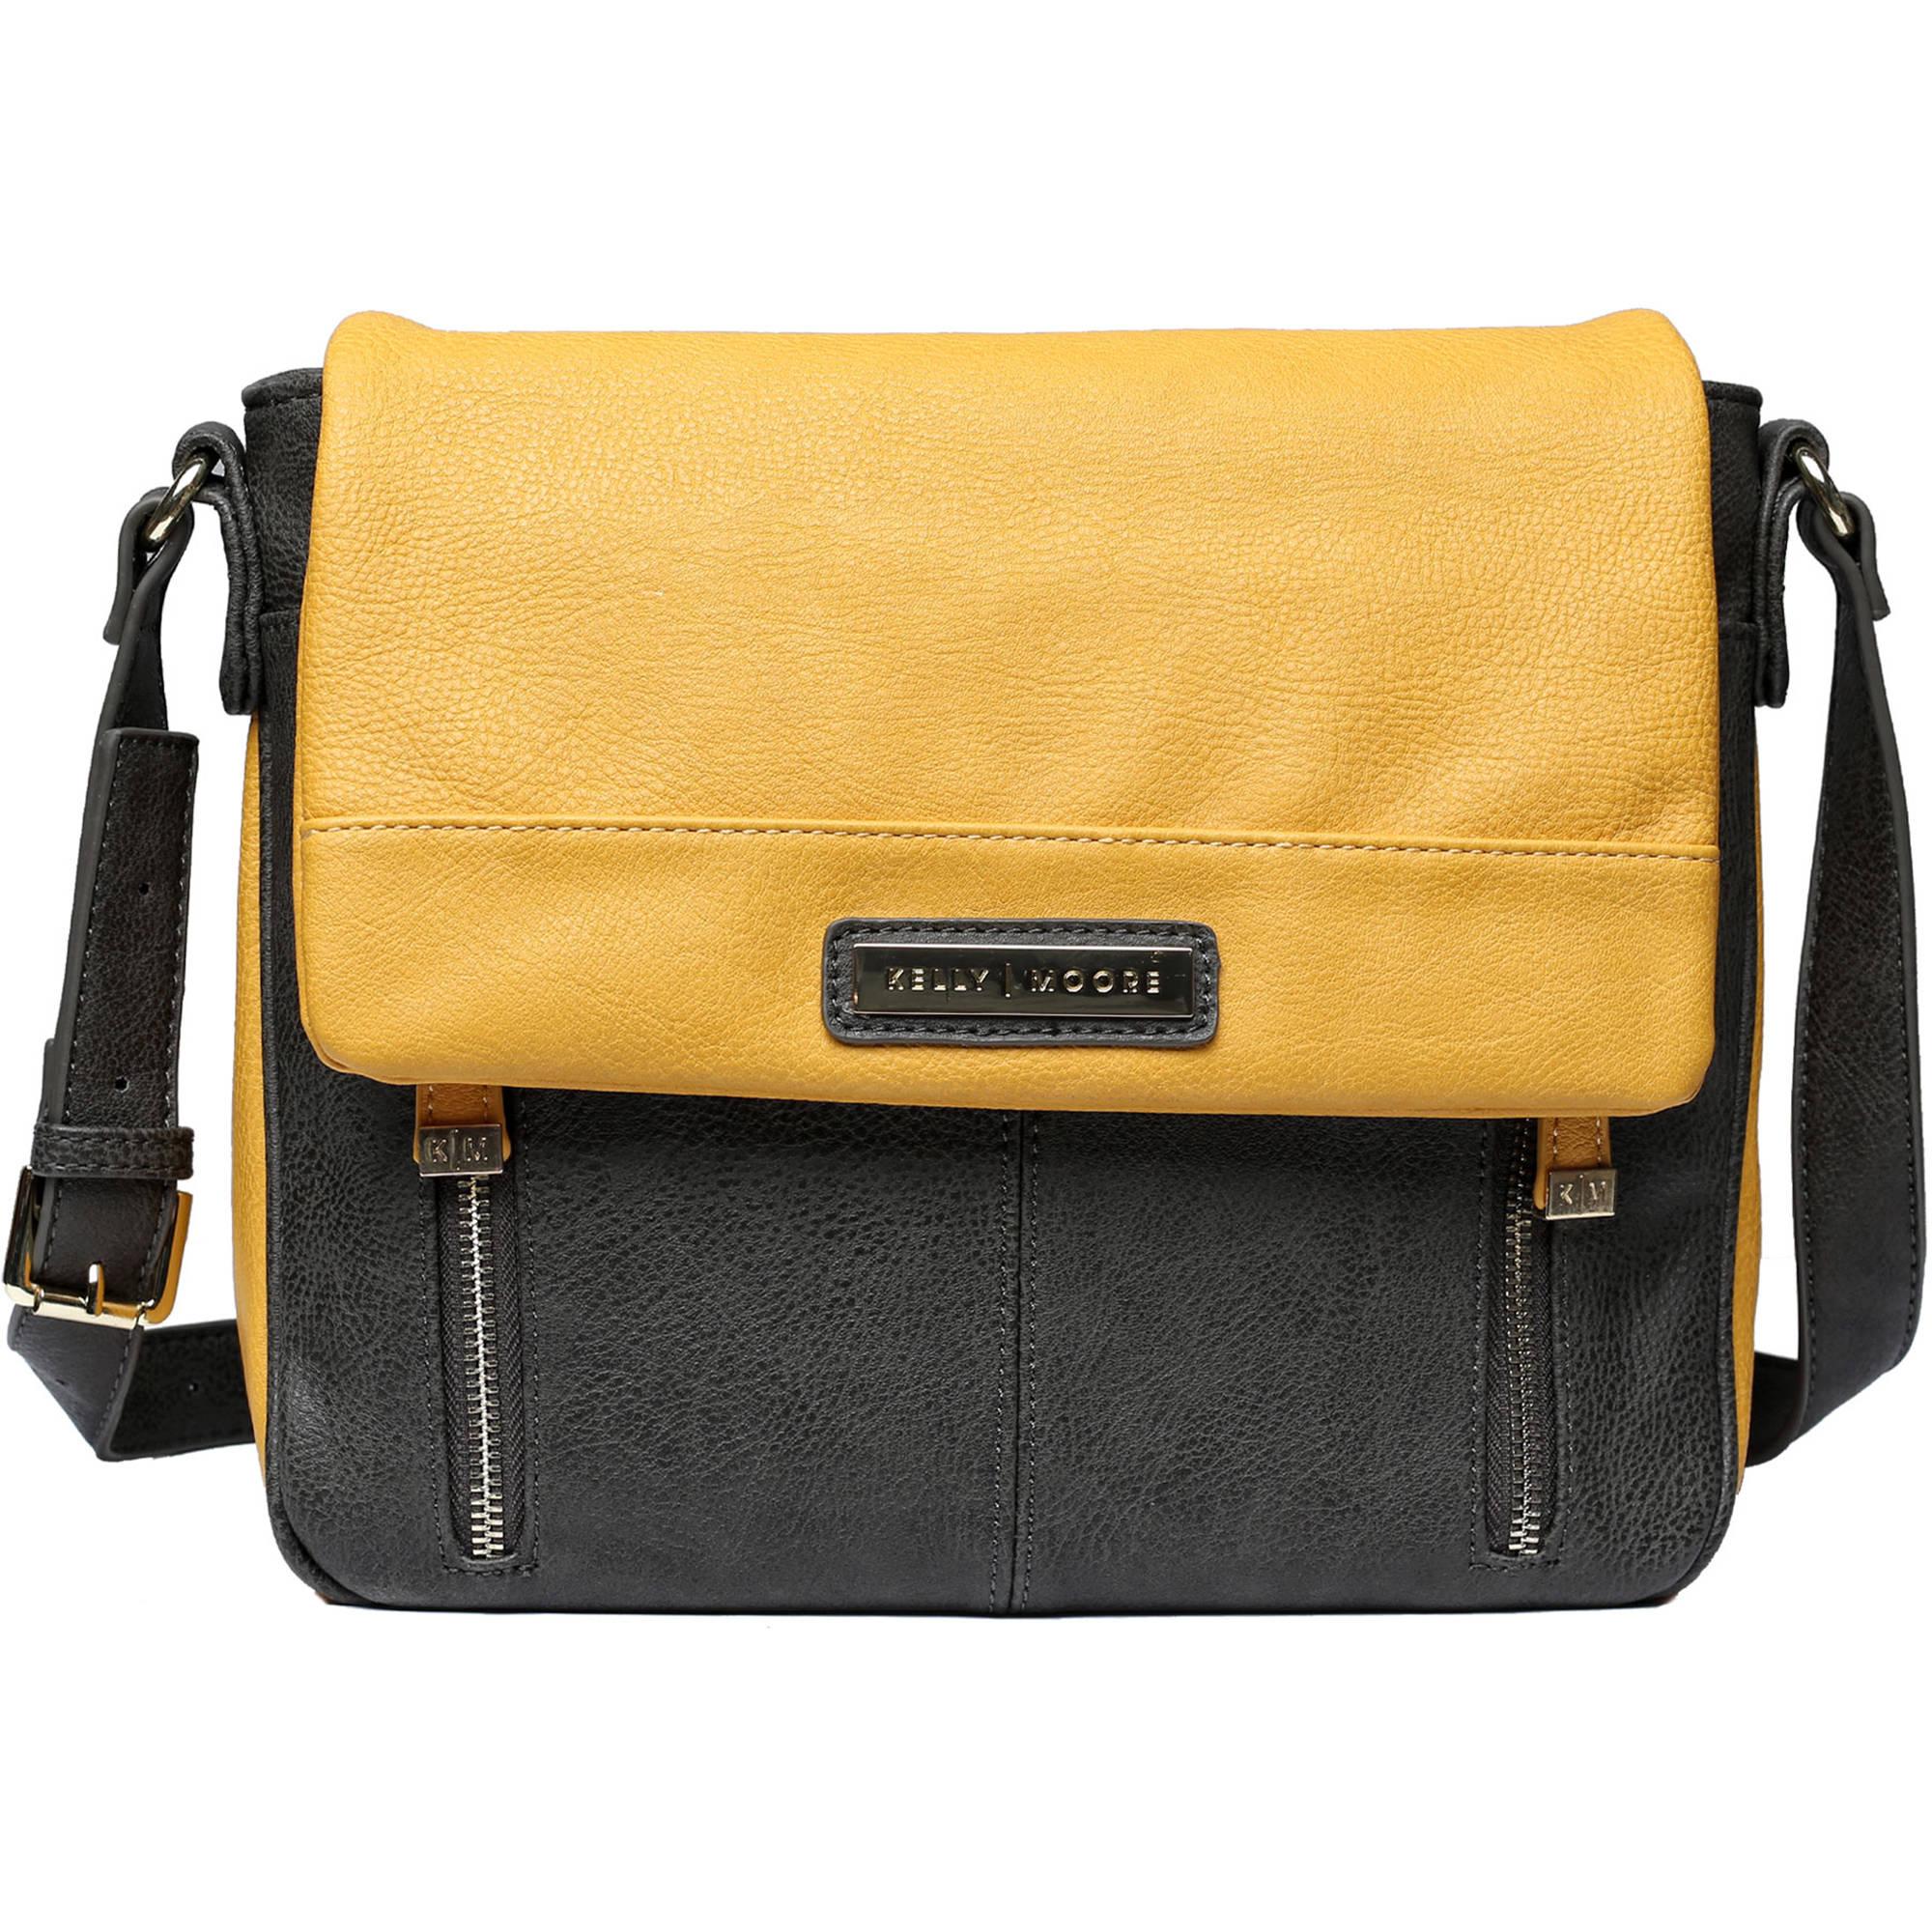 kelly moore bag luna messenger bag mustard kmb lna gry km 6000. Black Bedroom Furniture Sets. Home Design Ideas